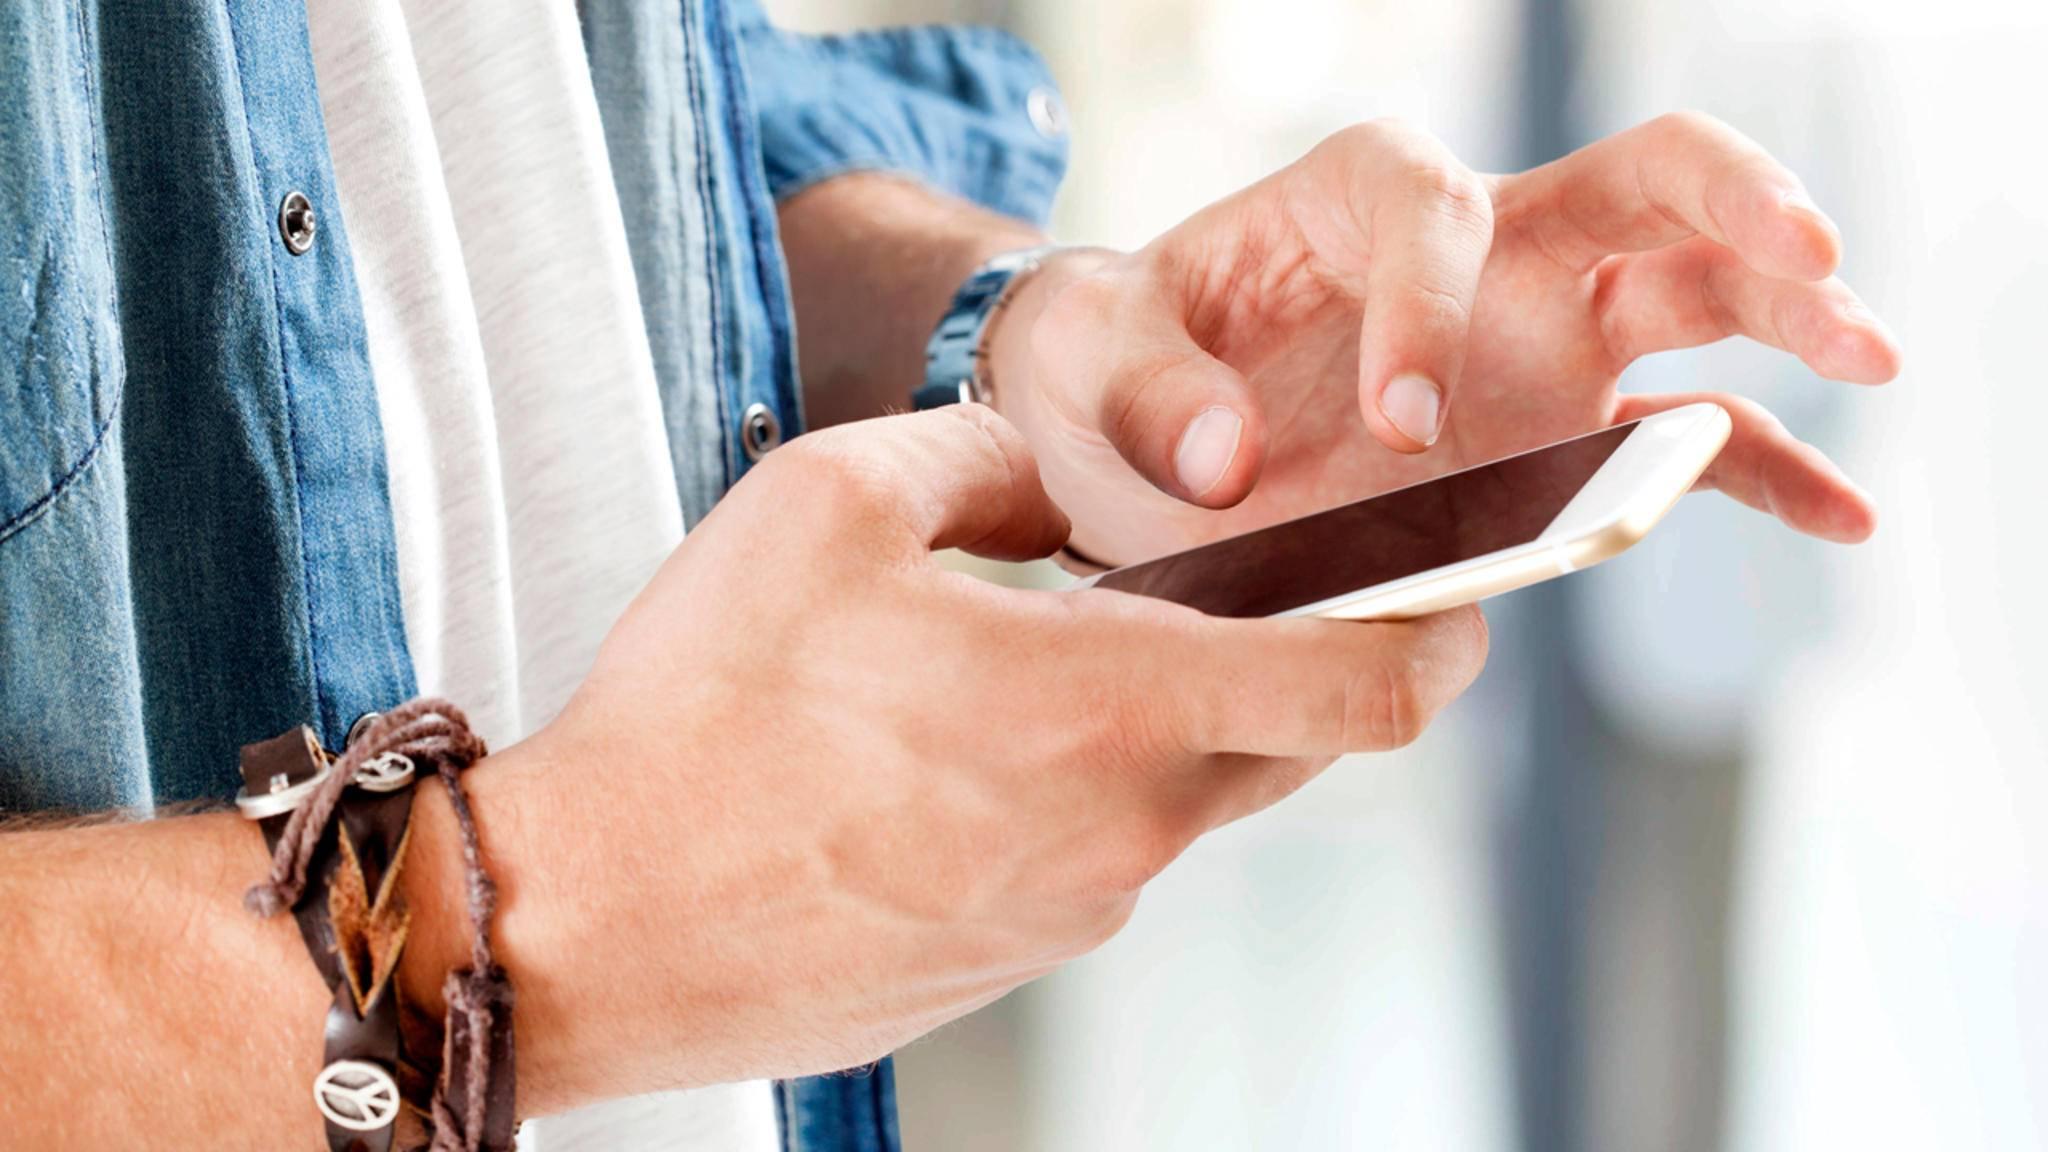 Willst Du Nachrichten nicht sofort senden, hilft Dir eine Planer-App.